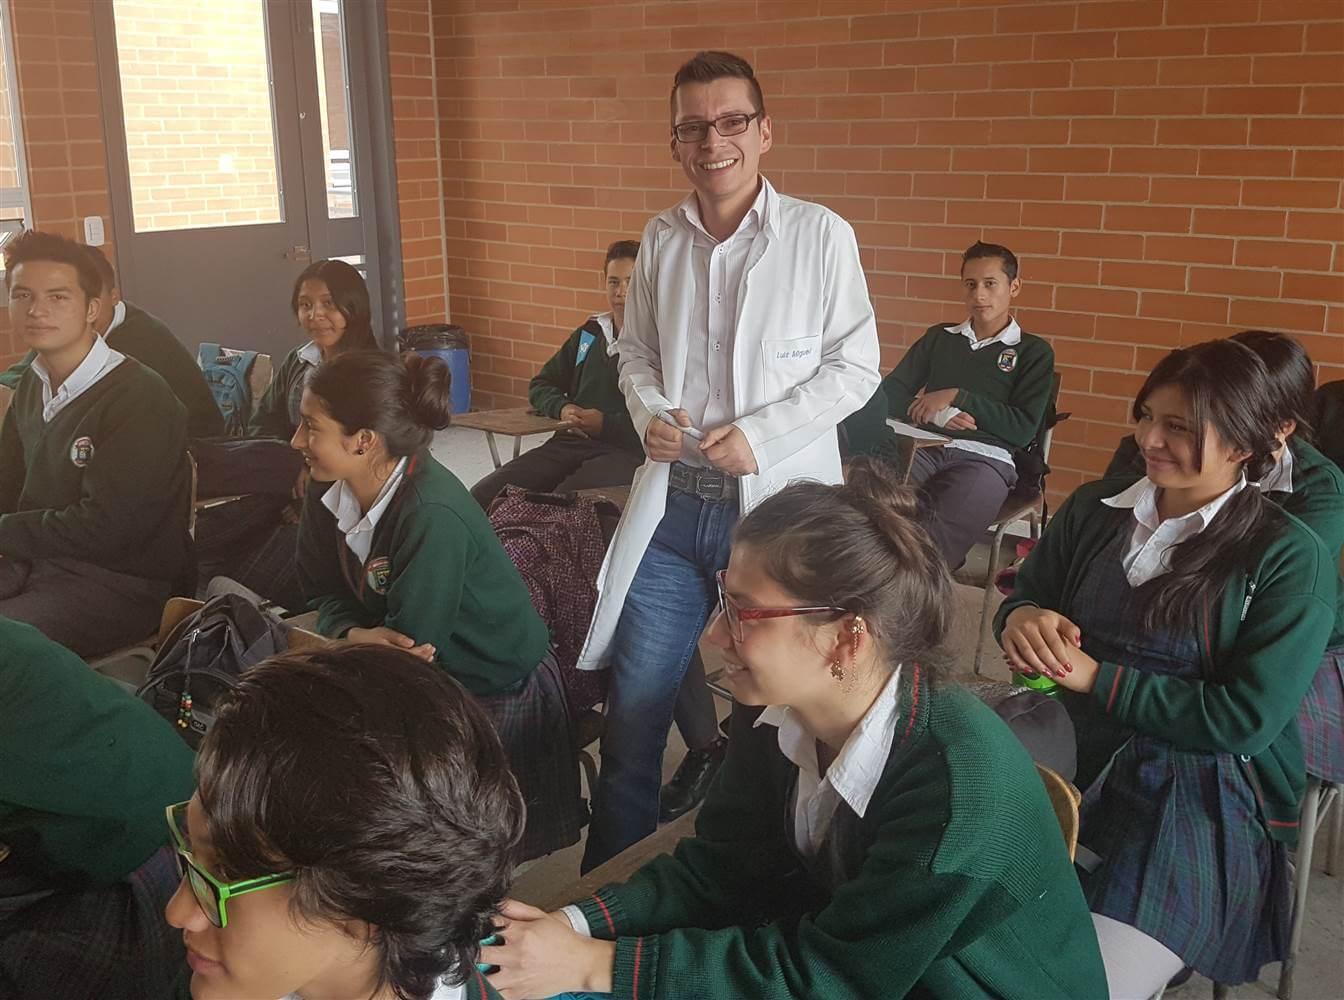 καθηγητής ανάμεσα σε μαθητές